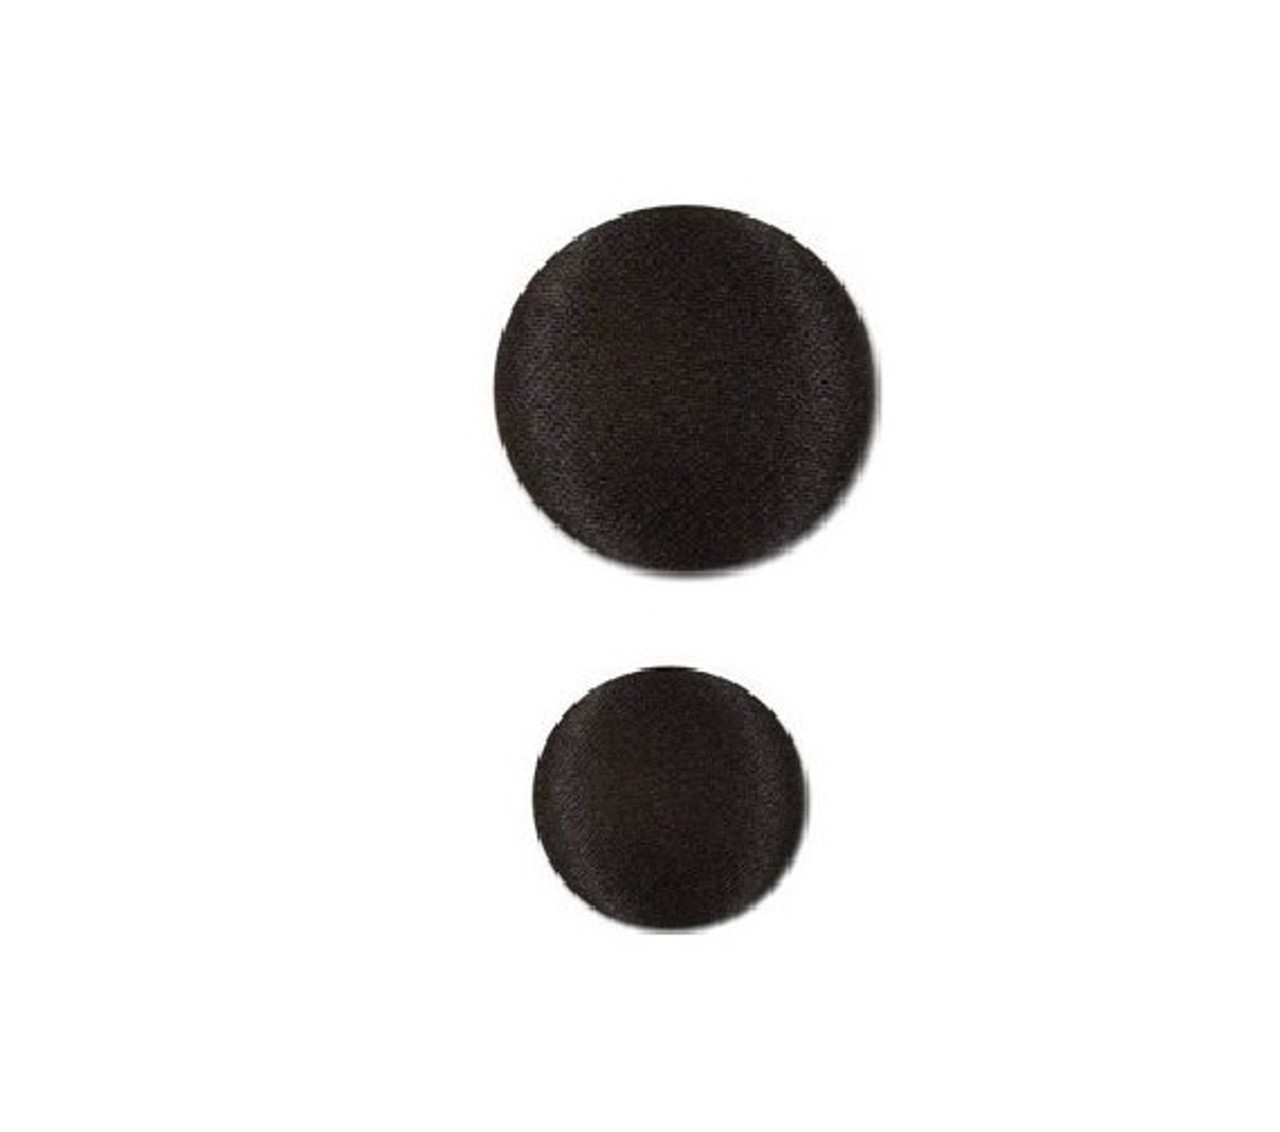 Tuxedo Buttons